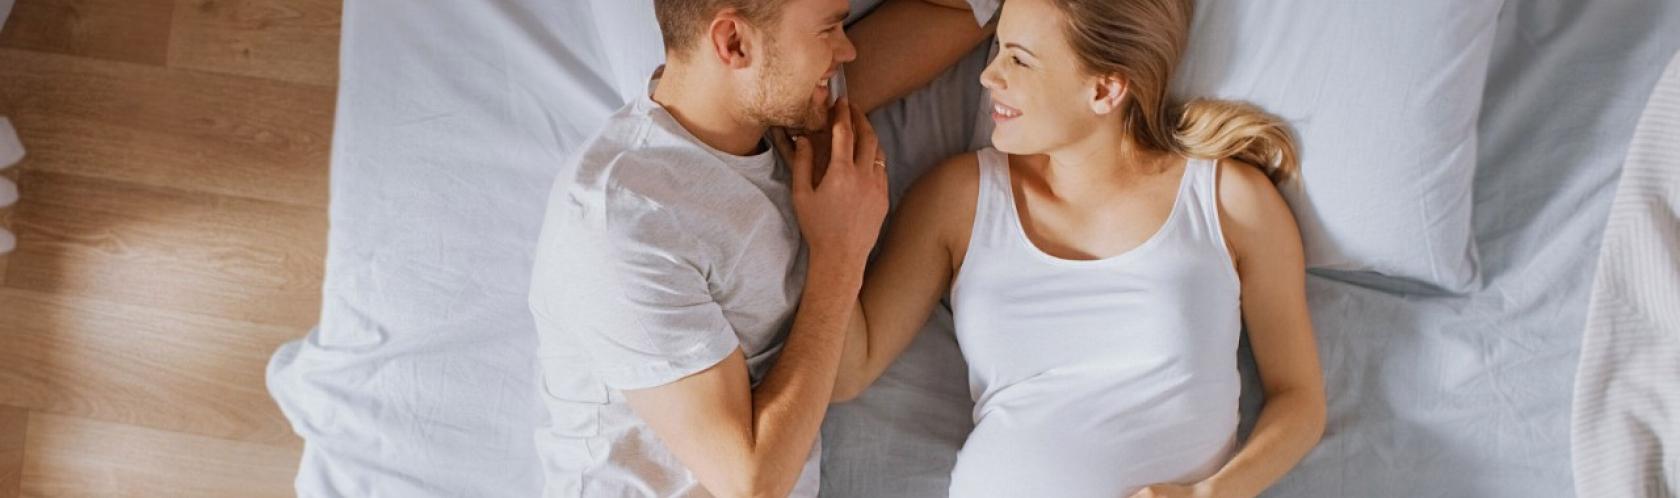 Versuchen, sie schwanger zu machen